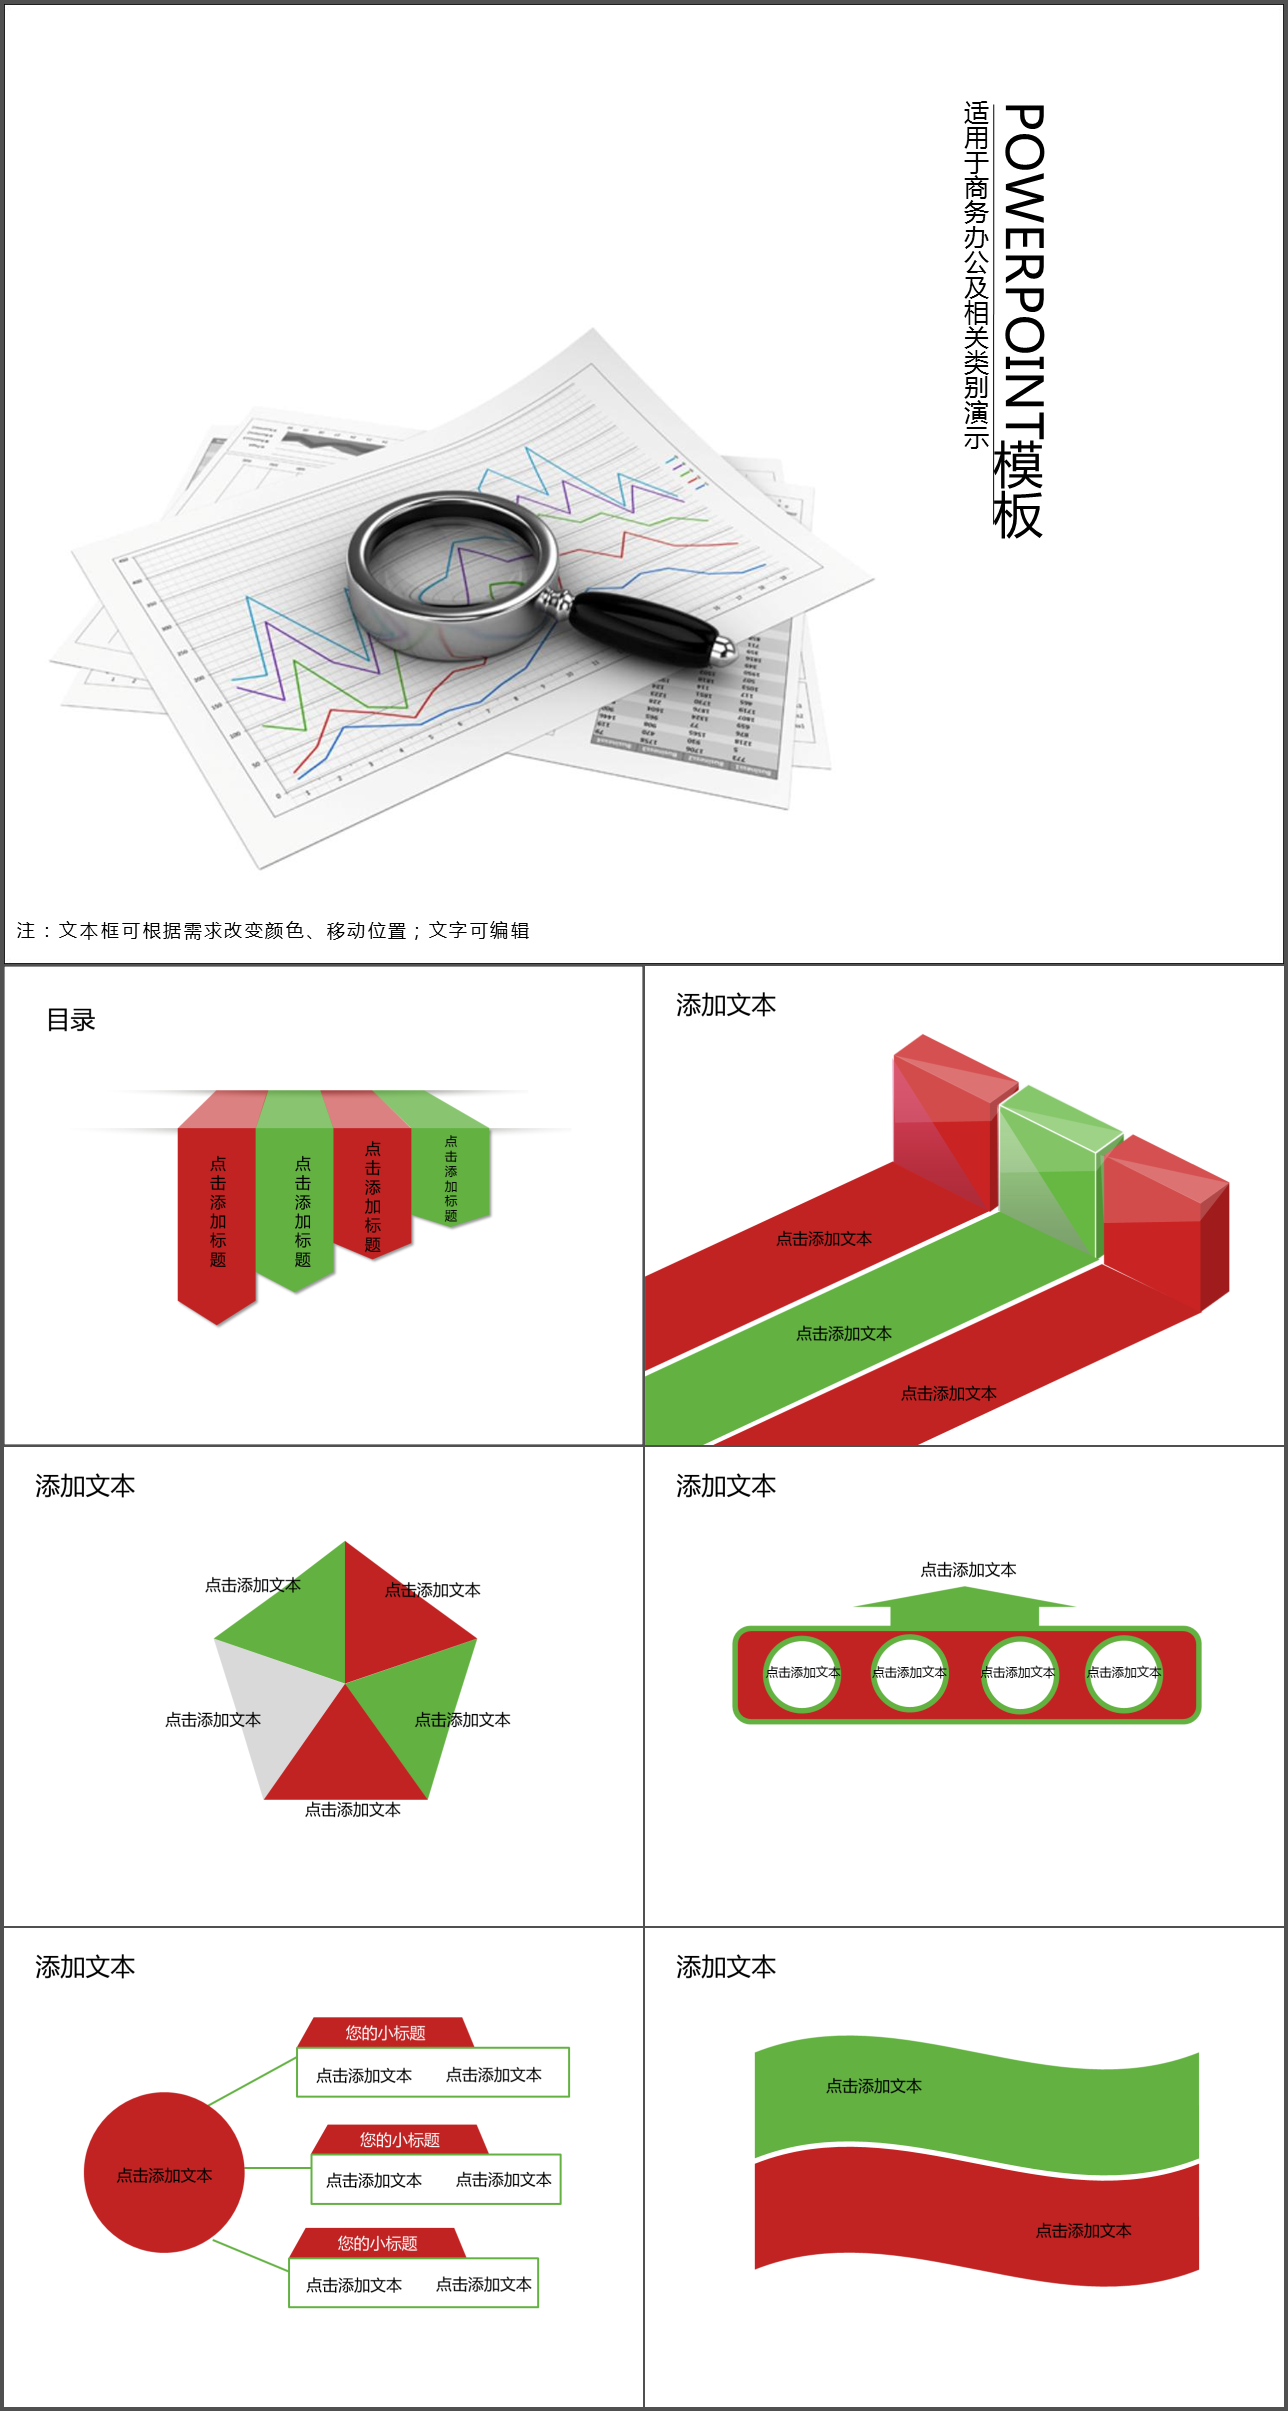 简约放大镜ppt模板 - 计划总结 - 开心ppt素材网